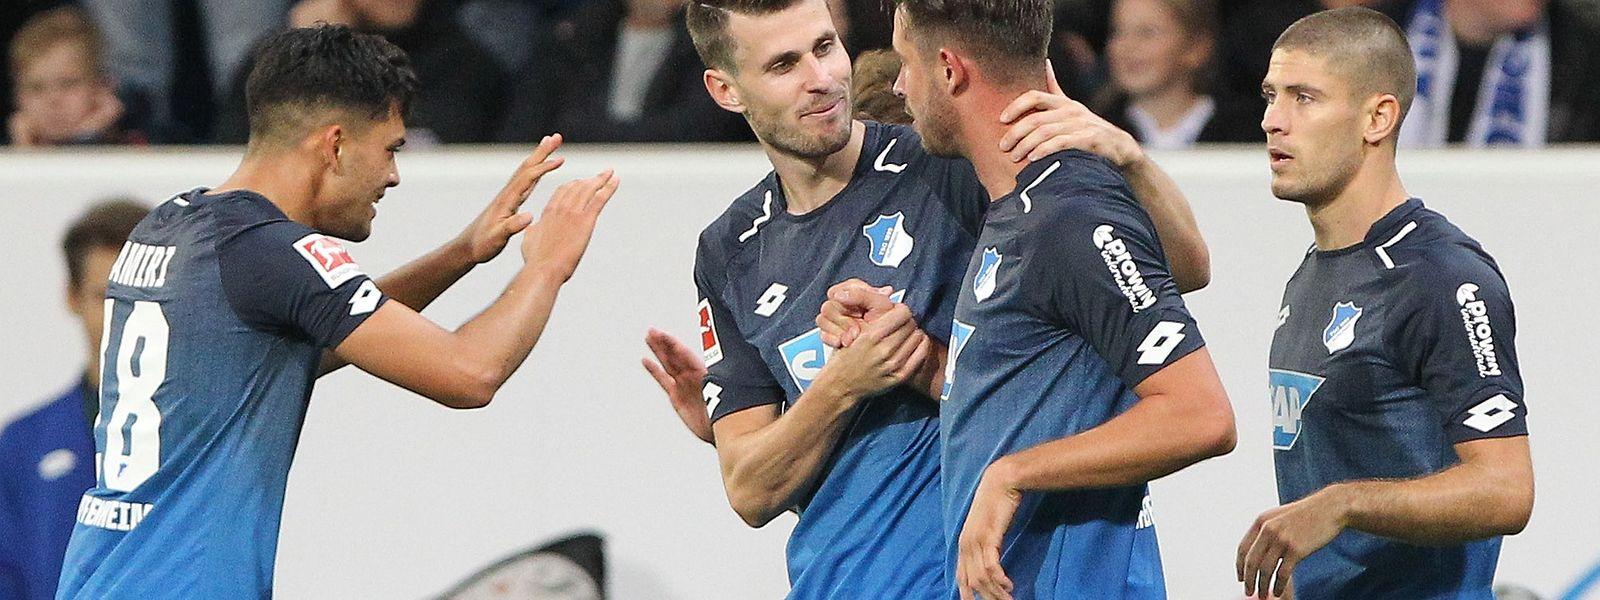 Die Hoffenheimer bejubelten ihren 2:0-Sieg gegen den FC Bayern.